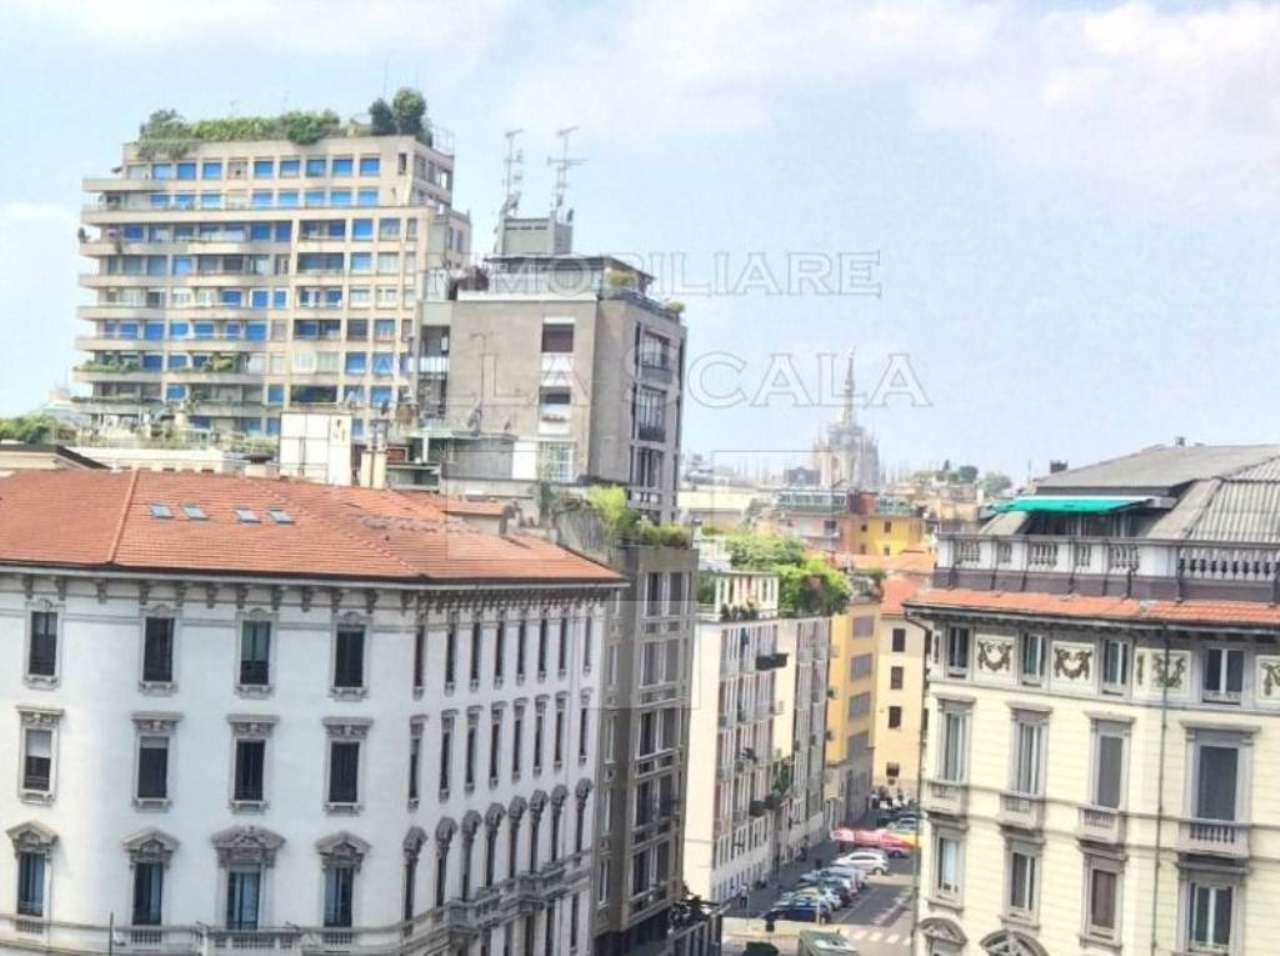 Appartamento in vendita a Milano, 5 locali, zona Zona: 1 . Centro Storico, Duomo, Brera, Cadorna, Cattolica, prezzo € 1.250.000 | Cambio Casa.it